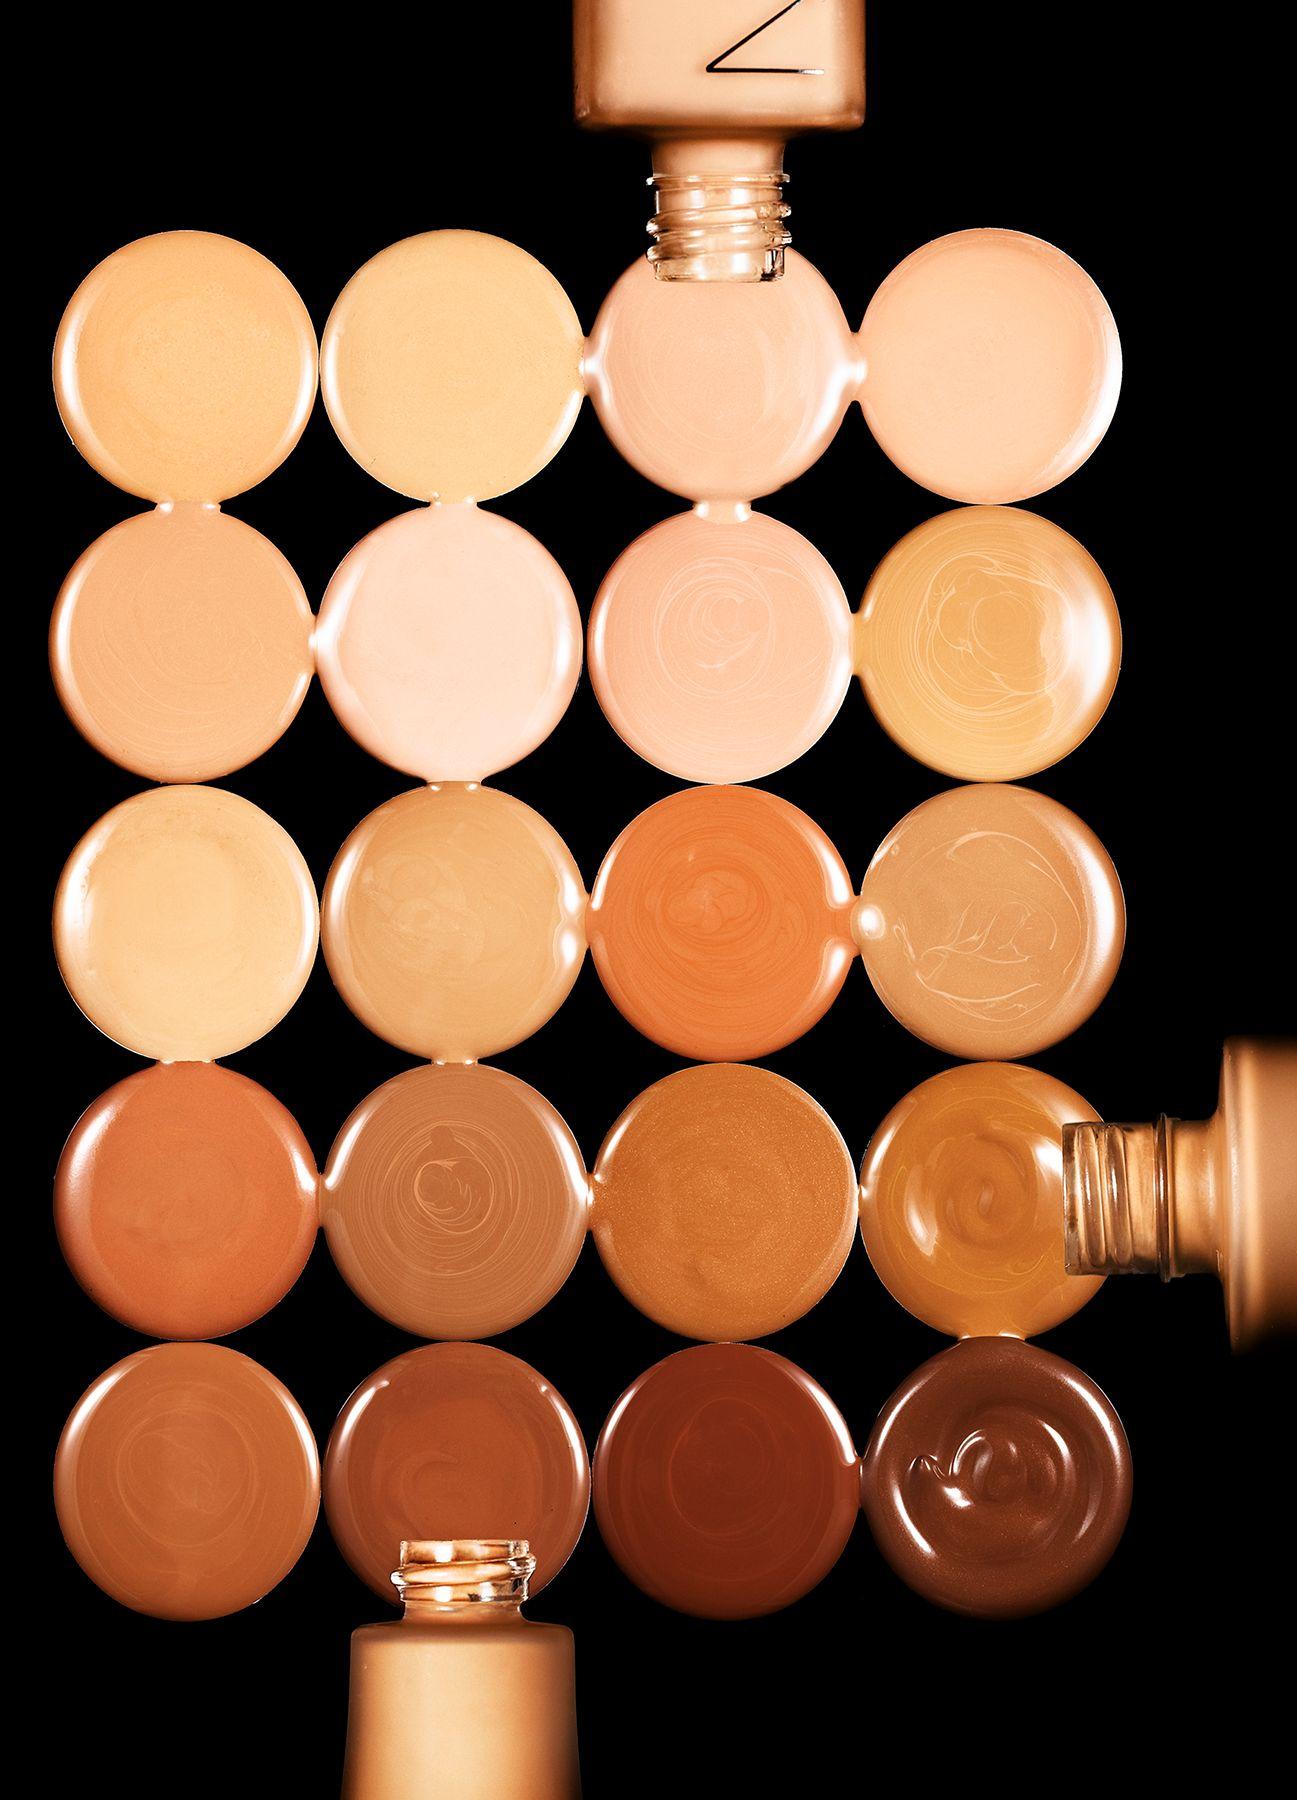 cosmetic_skin_basegrid_001.jpg